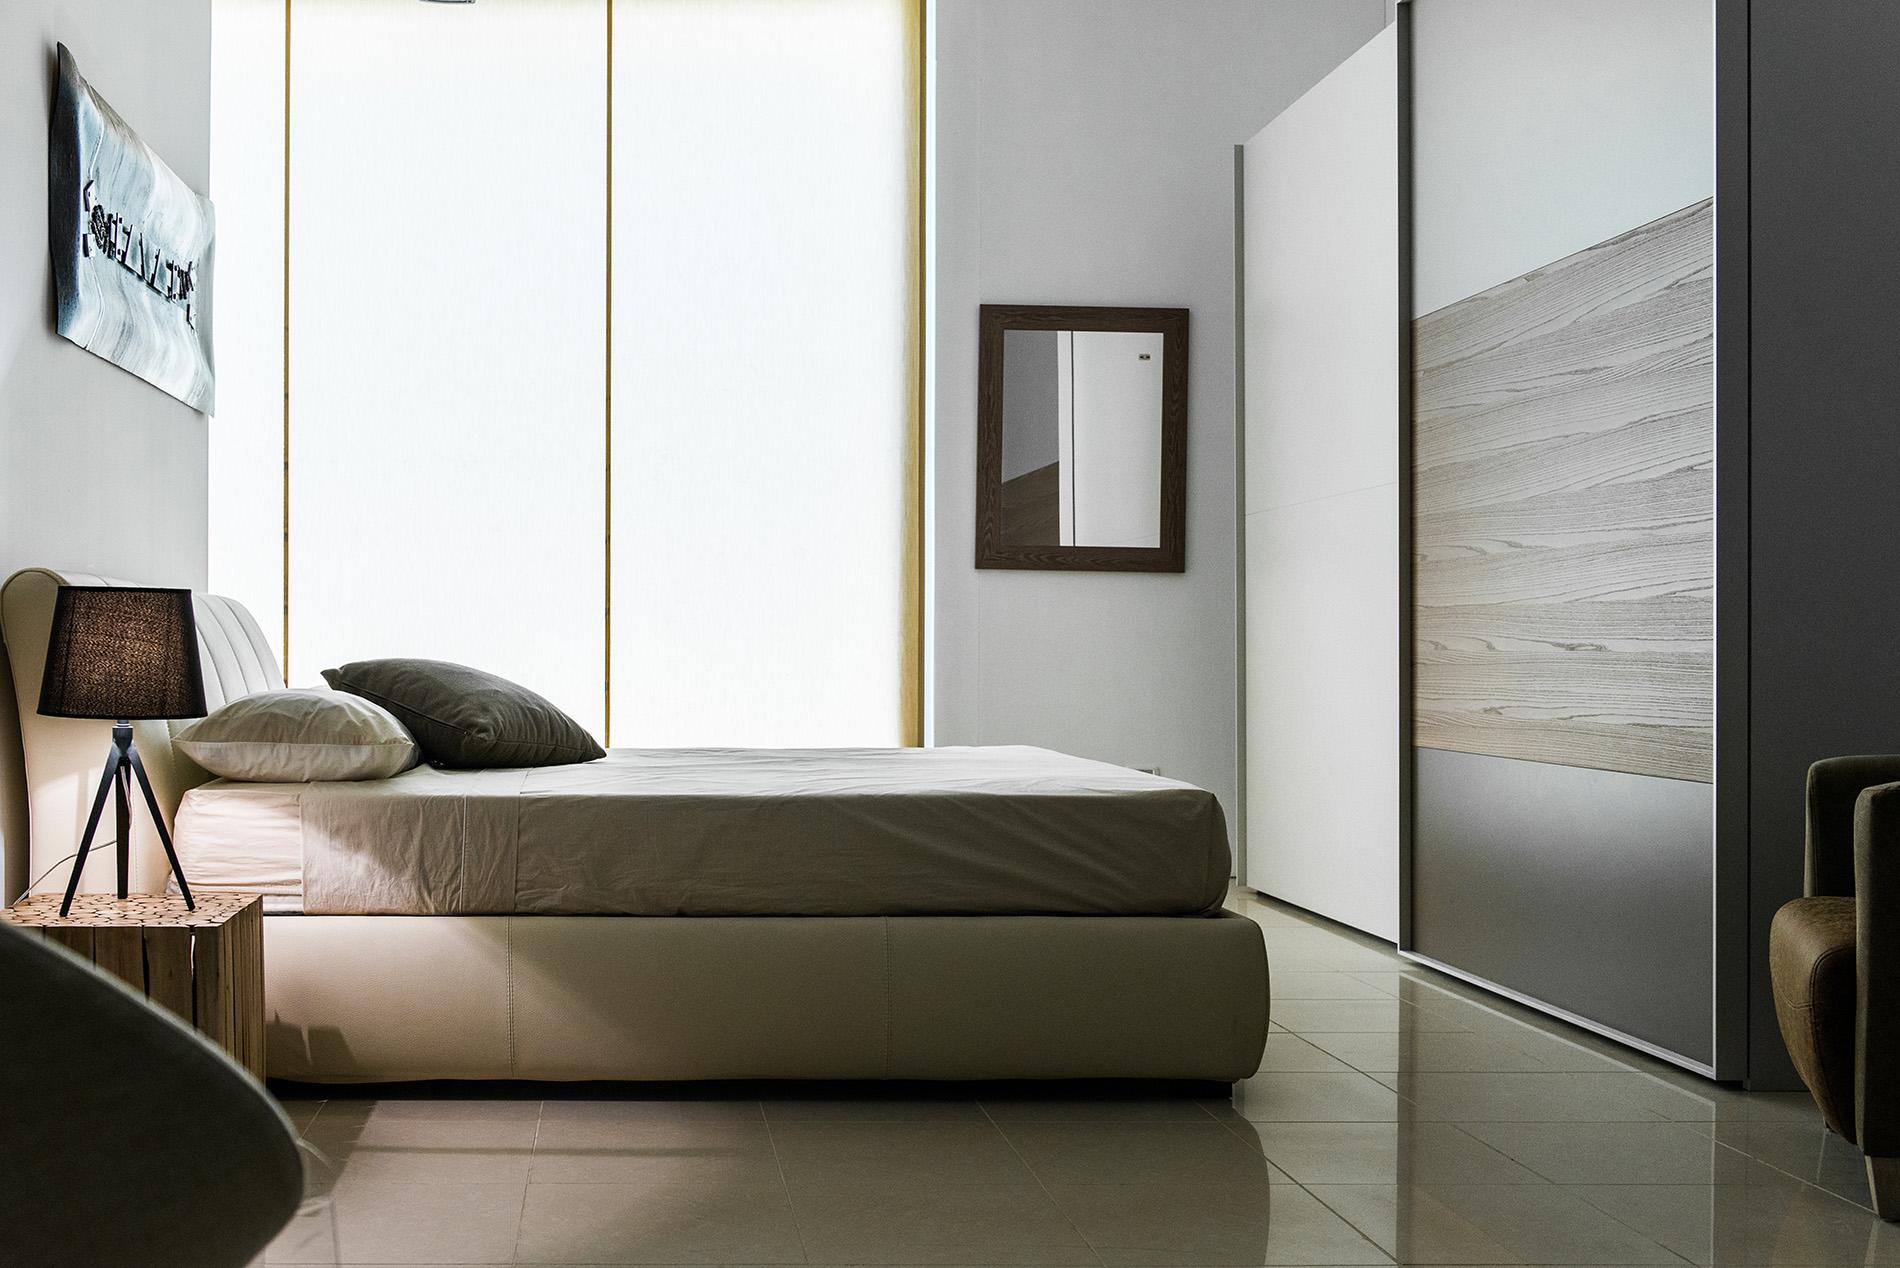 Camere da letto - Showroom Gambula Arredamenti